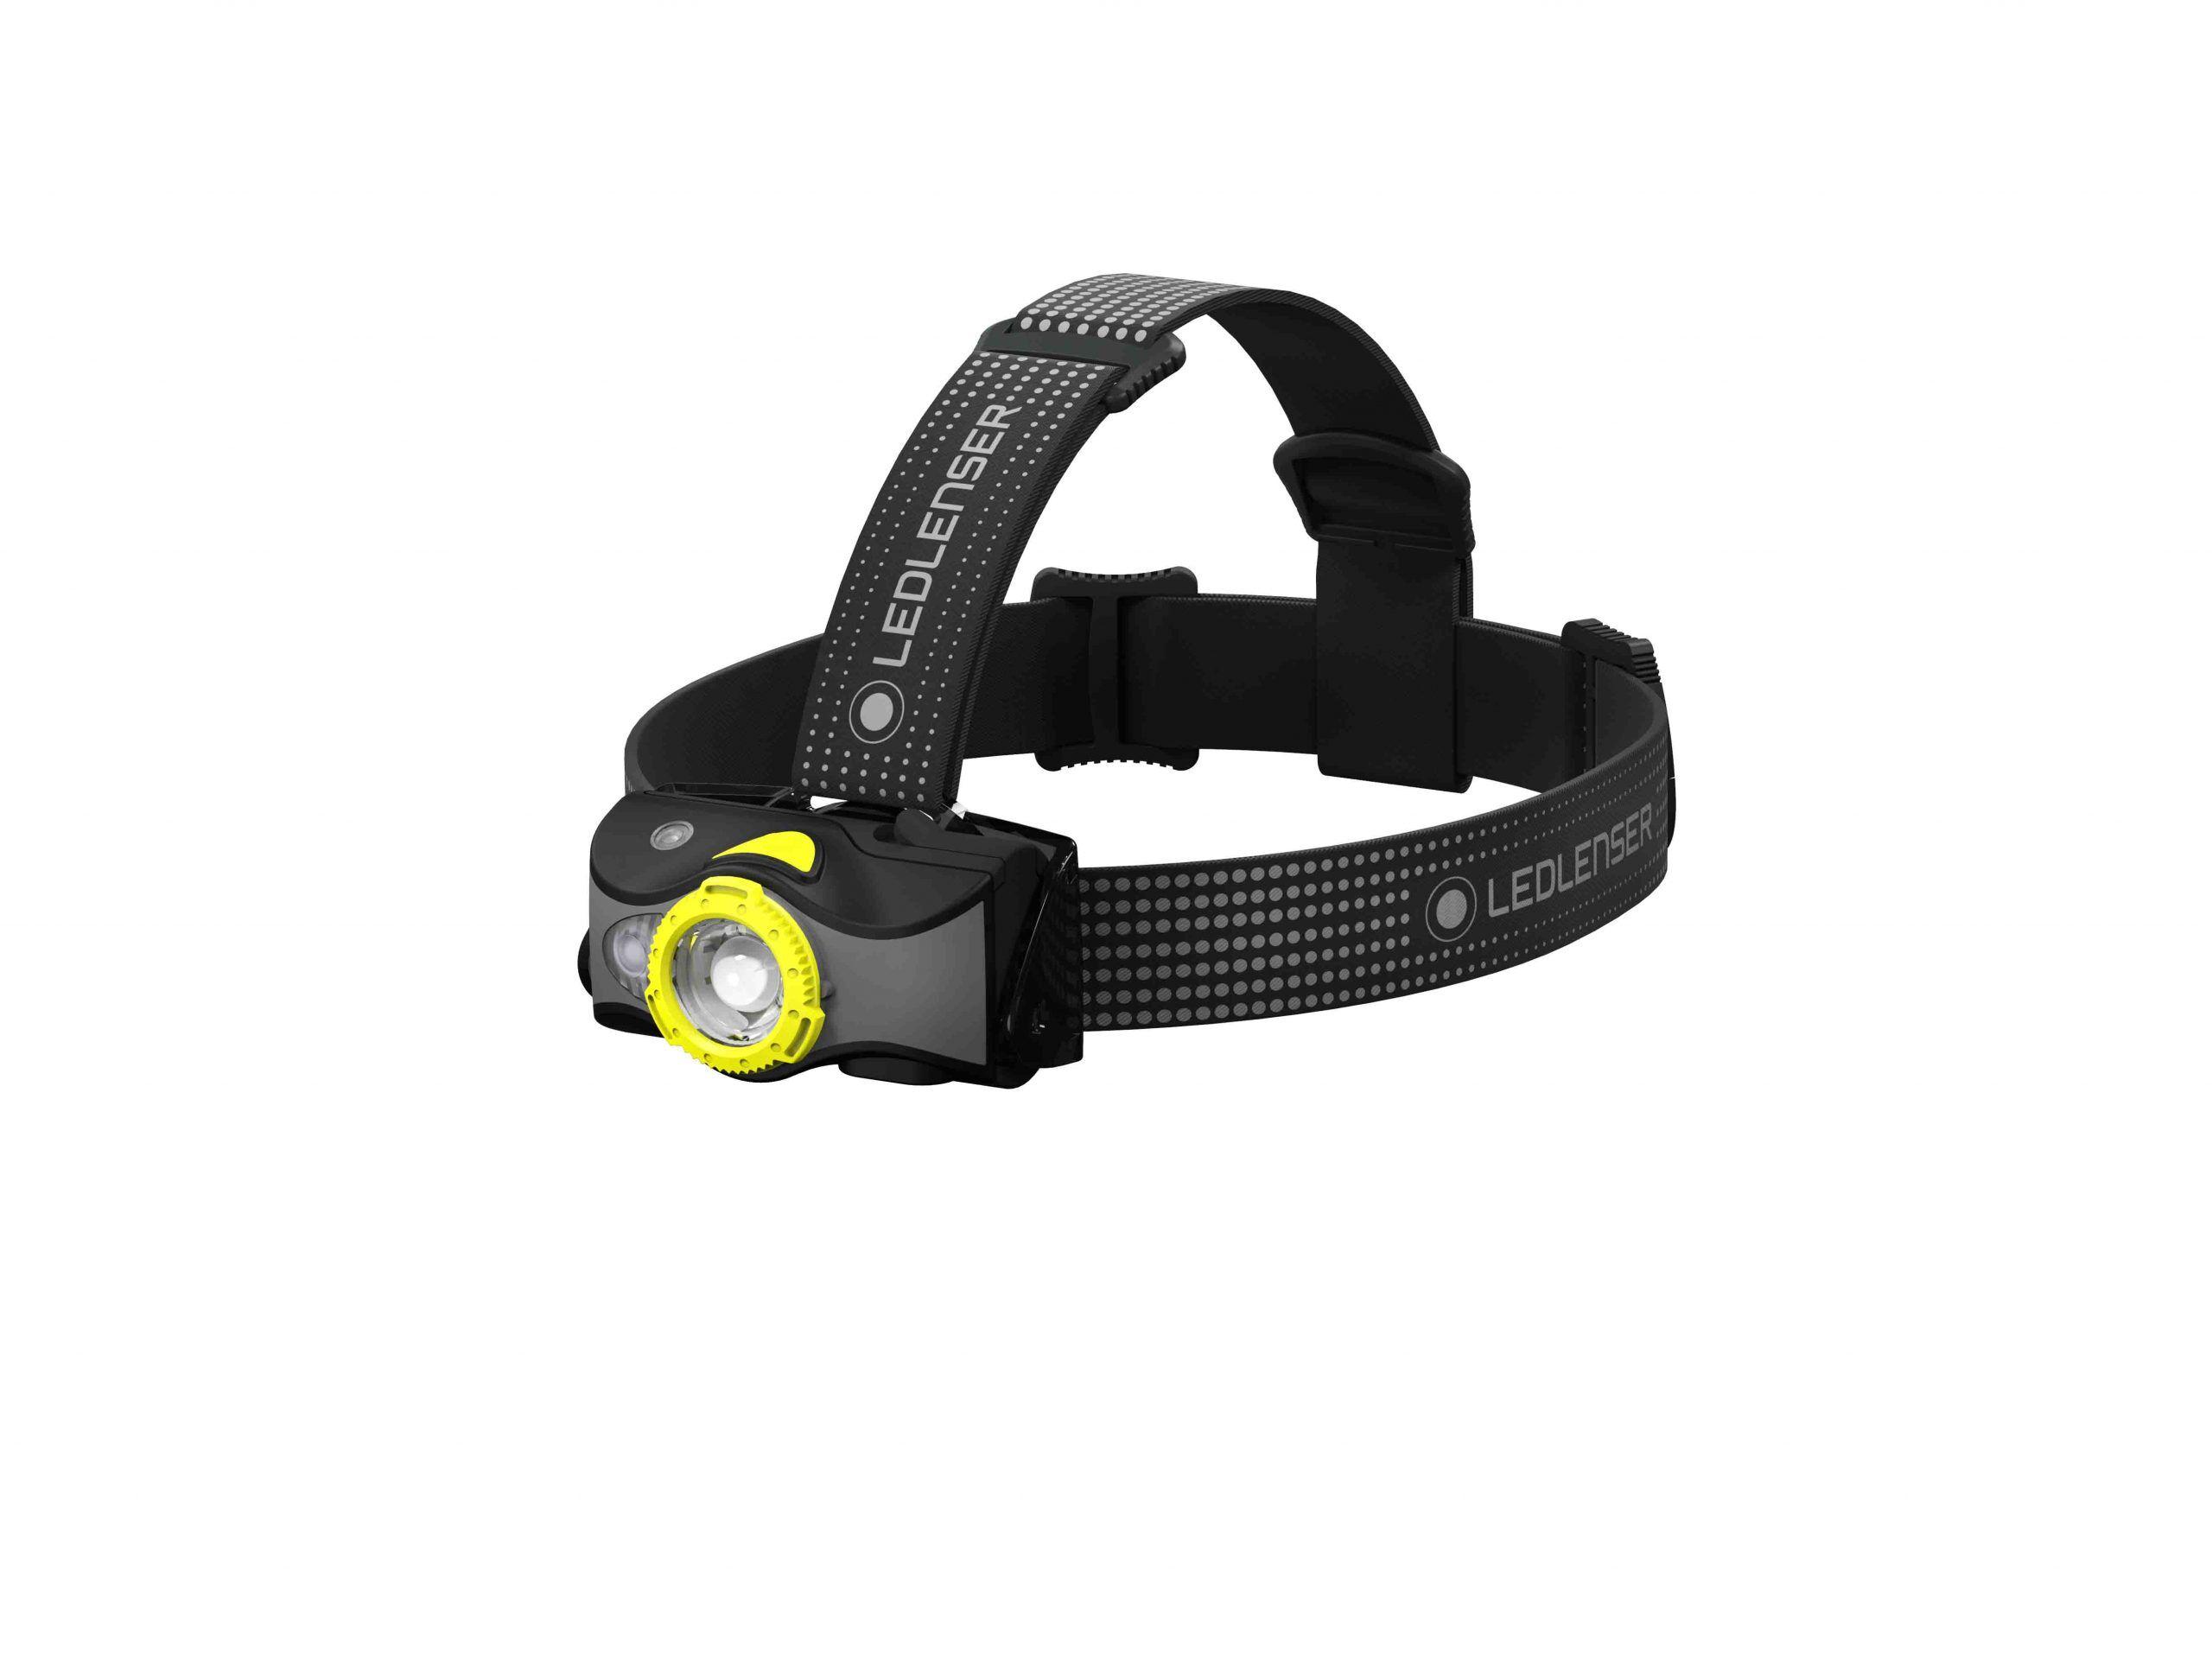 Ledlenser MH7-Black&Yellow-0